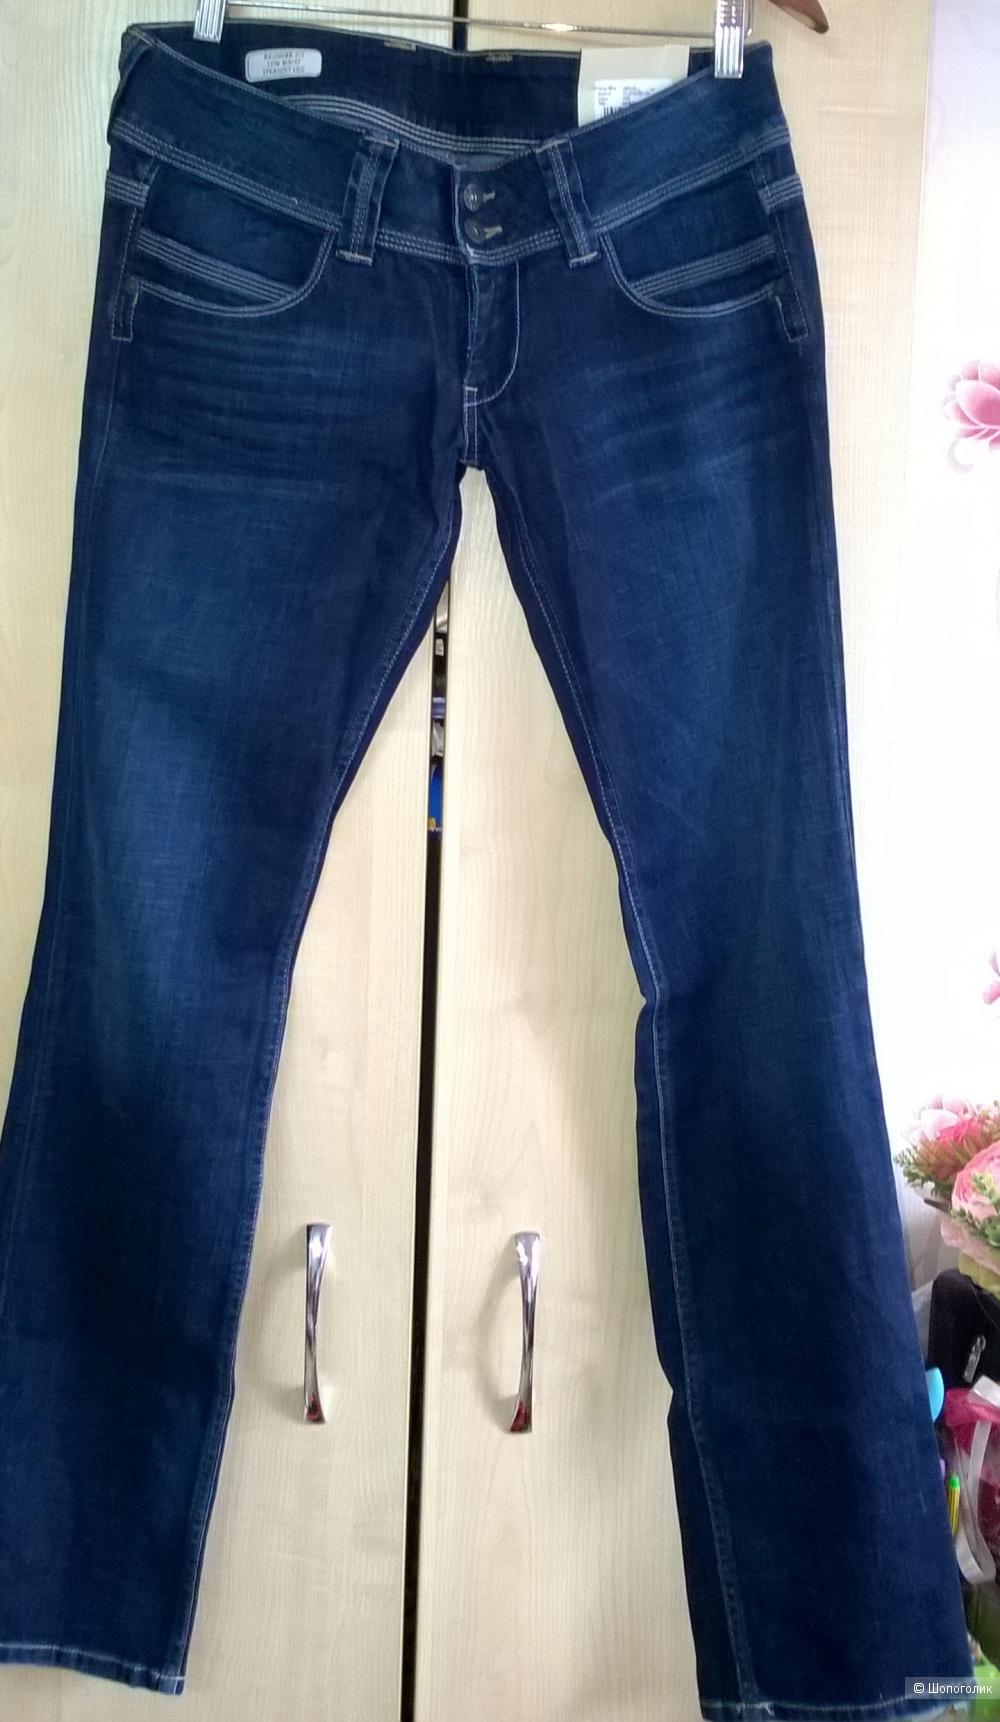 Джинсы Pepe Jeans размер W 30 / L 34